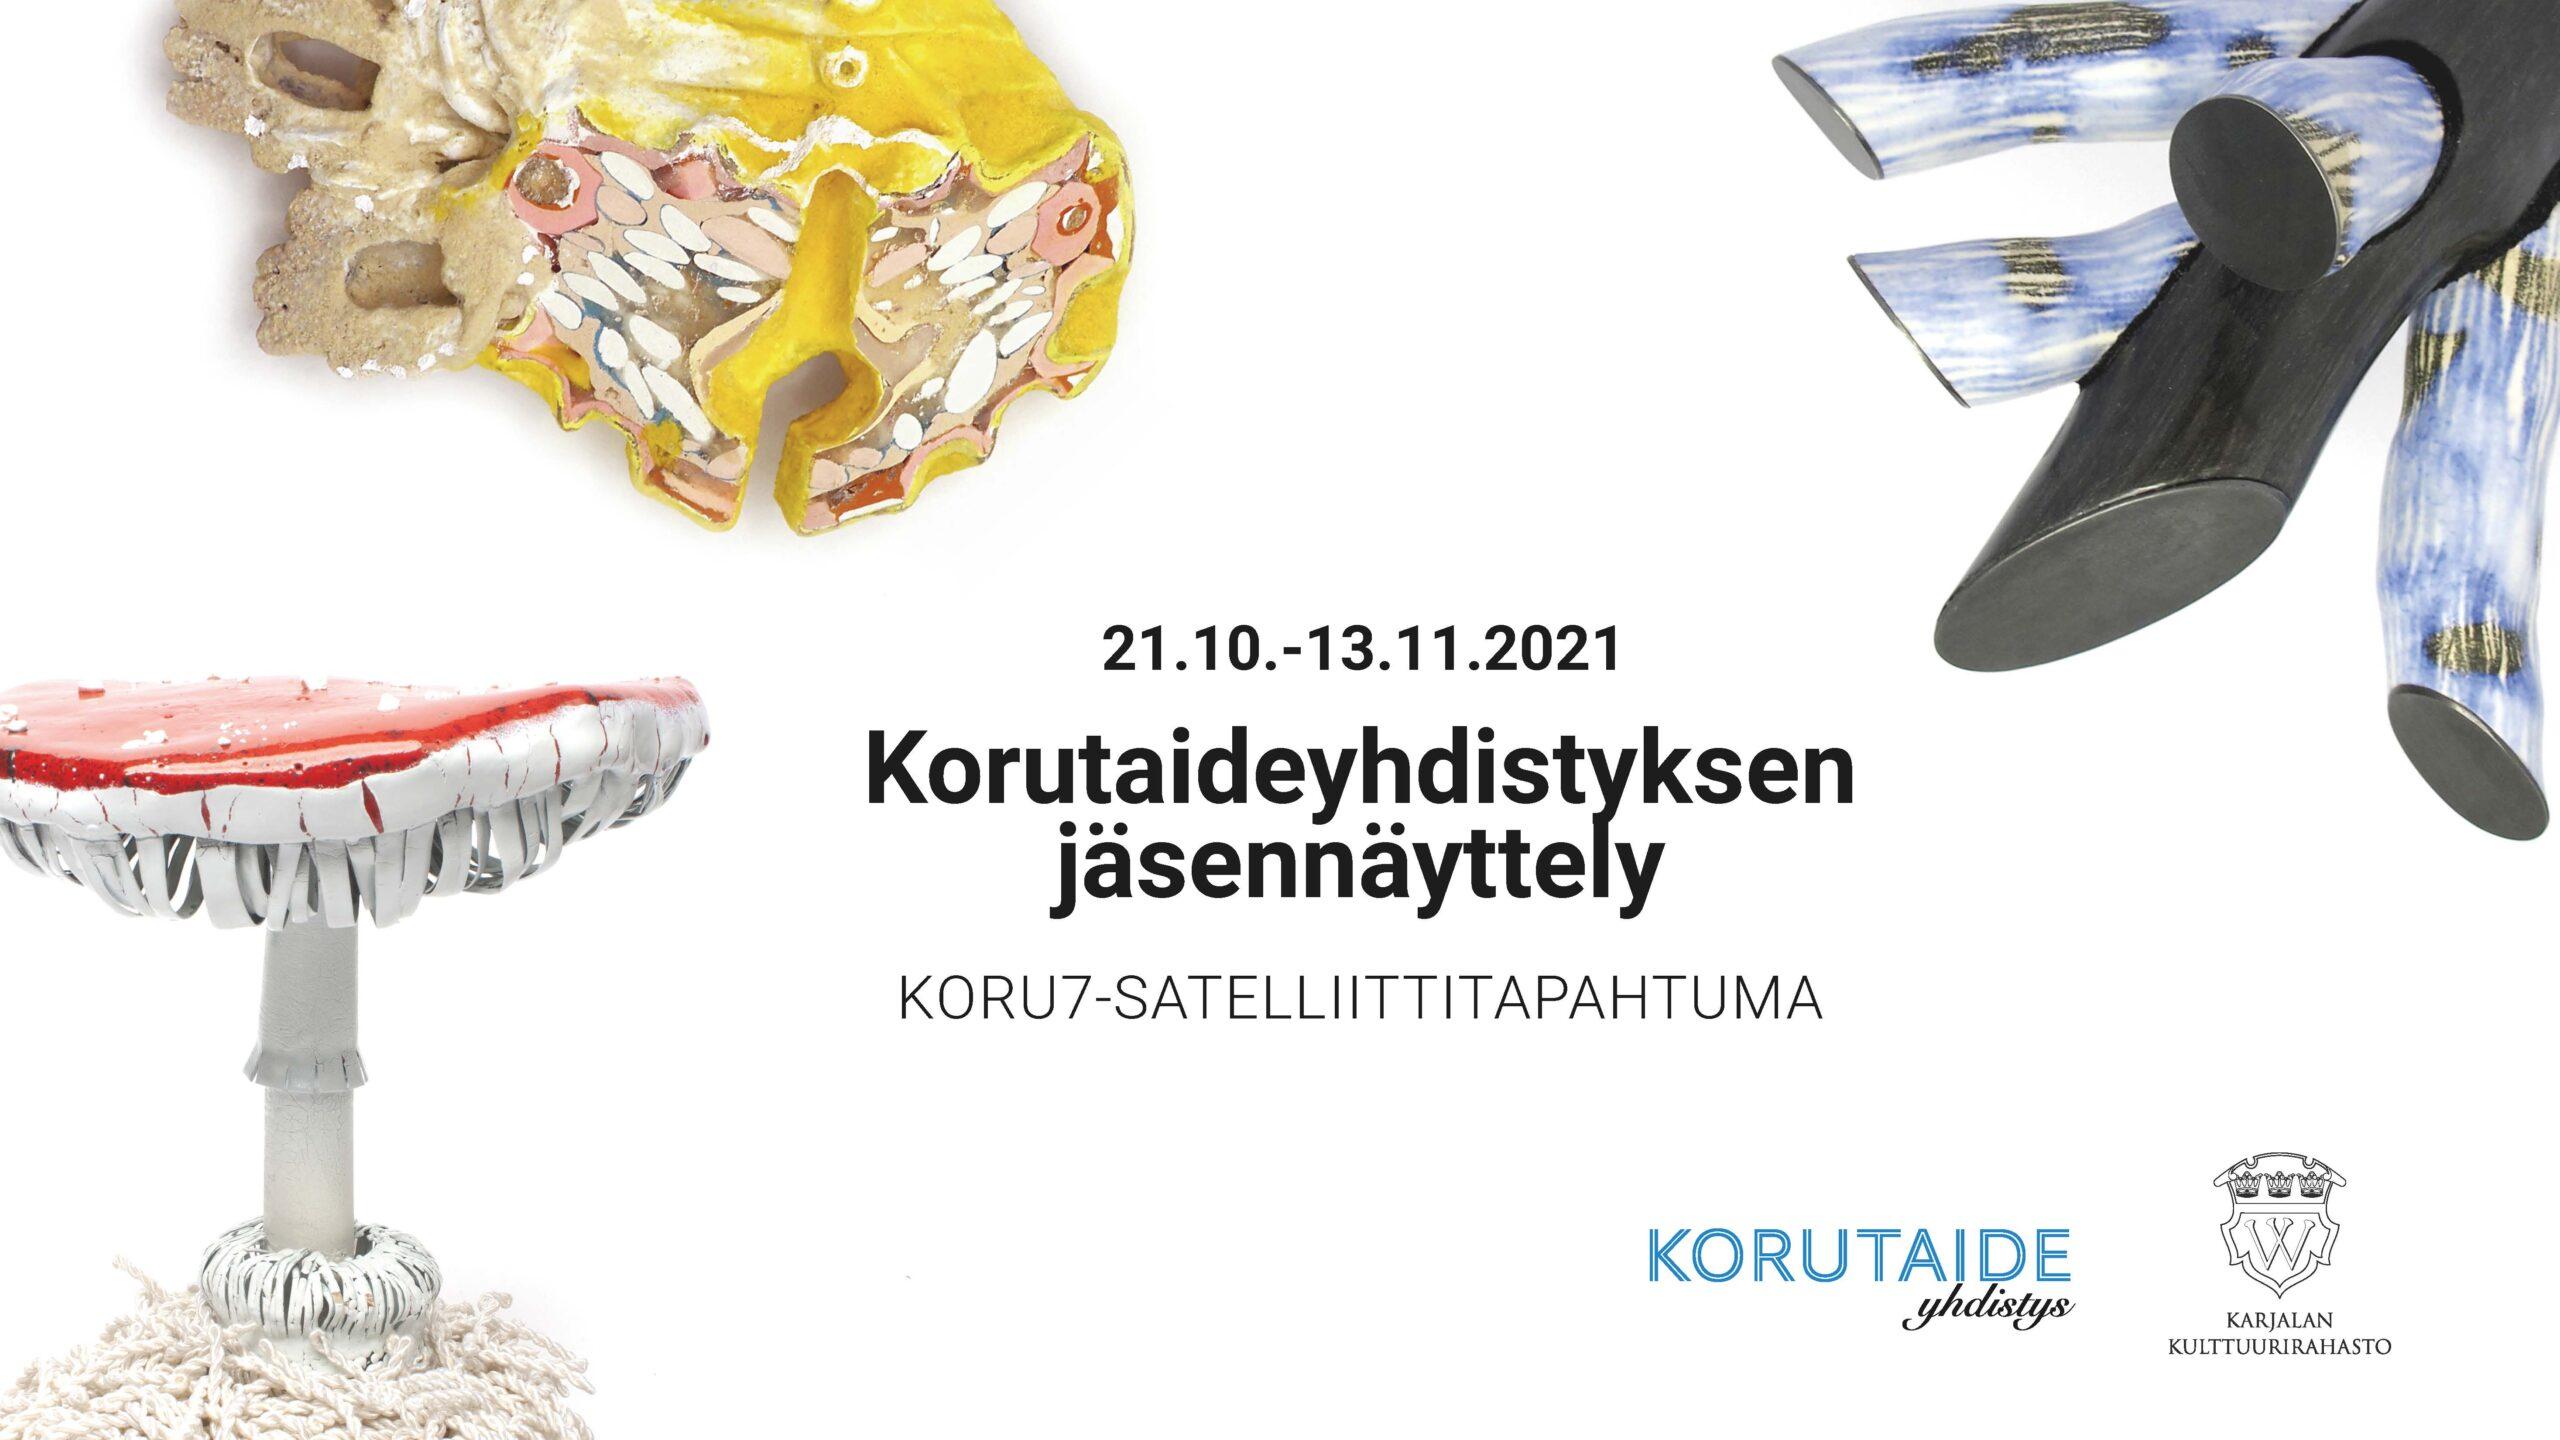 ROIKKA & RIUTTA – Korutaideyhdistyksen jäsennäyttely — 21.10.–13.11.2021